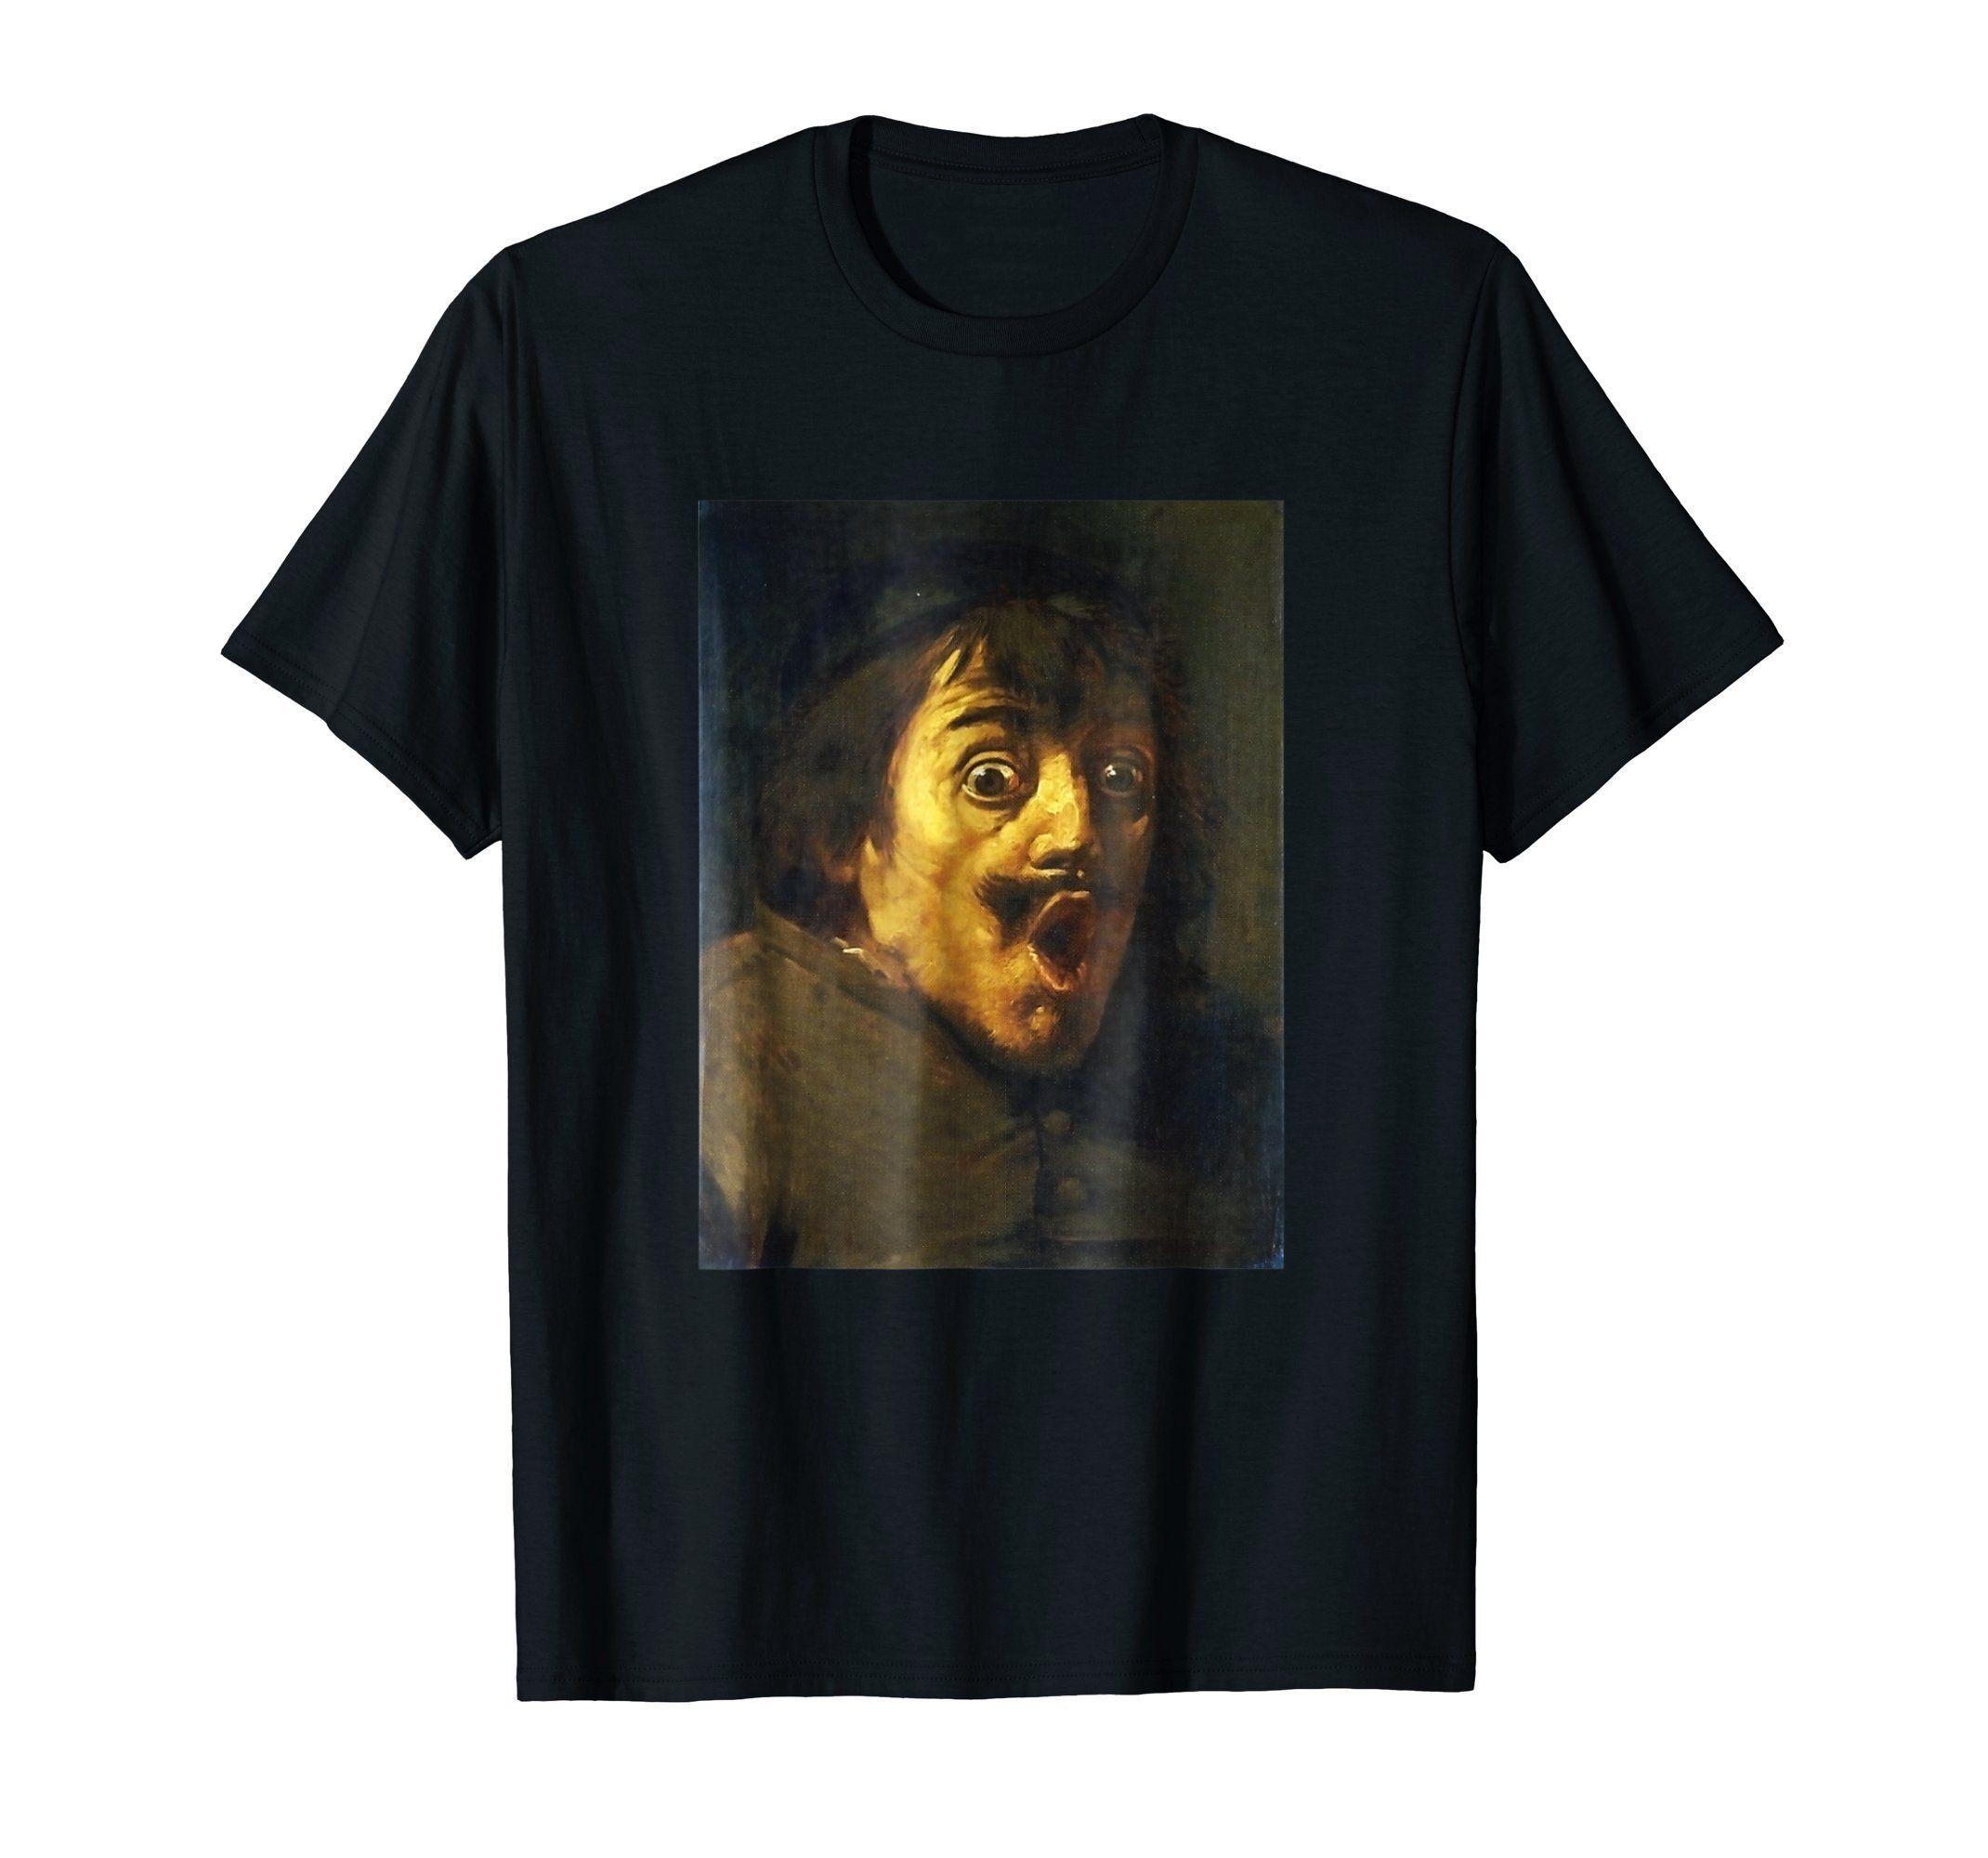 Amazon Com A Man Surprised Classical Art Memes T Shirt Clothing Classical Art Memes T Shirt Art Memes